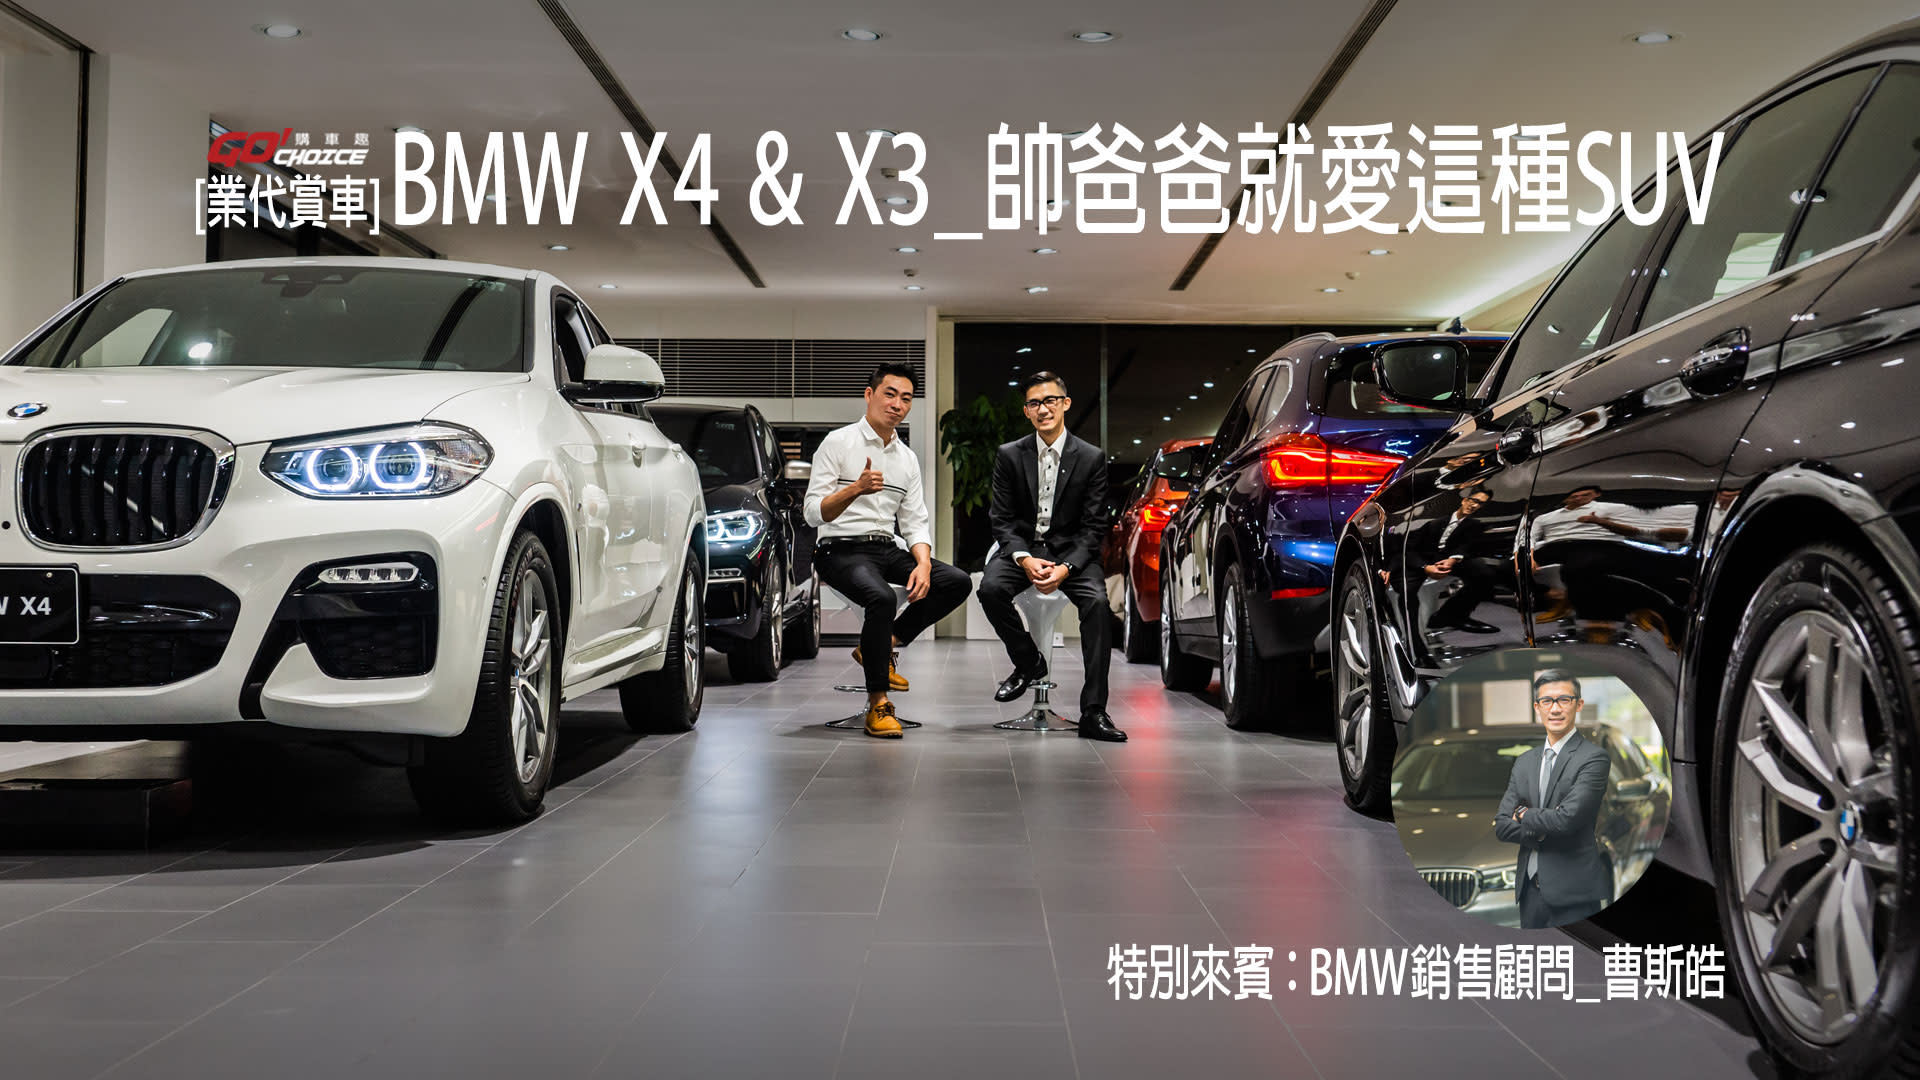 [業代賞車]BMW X4 & X3!BMW敦南 銷售顧問_曹斯皓